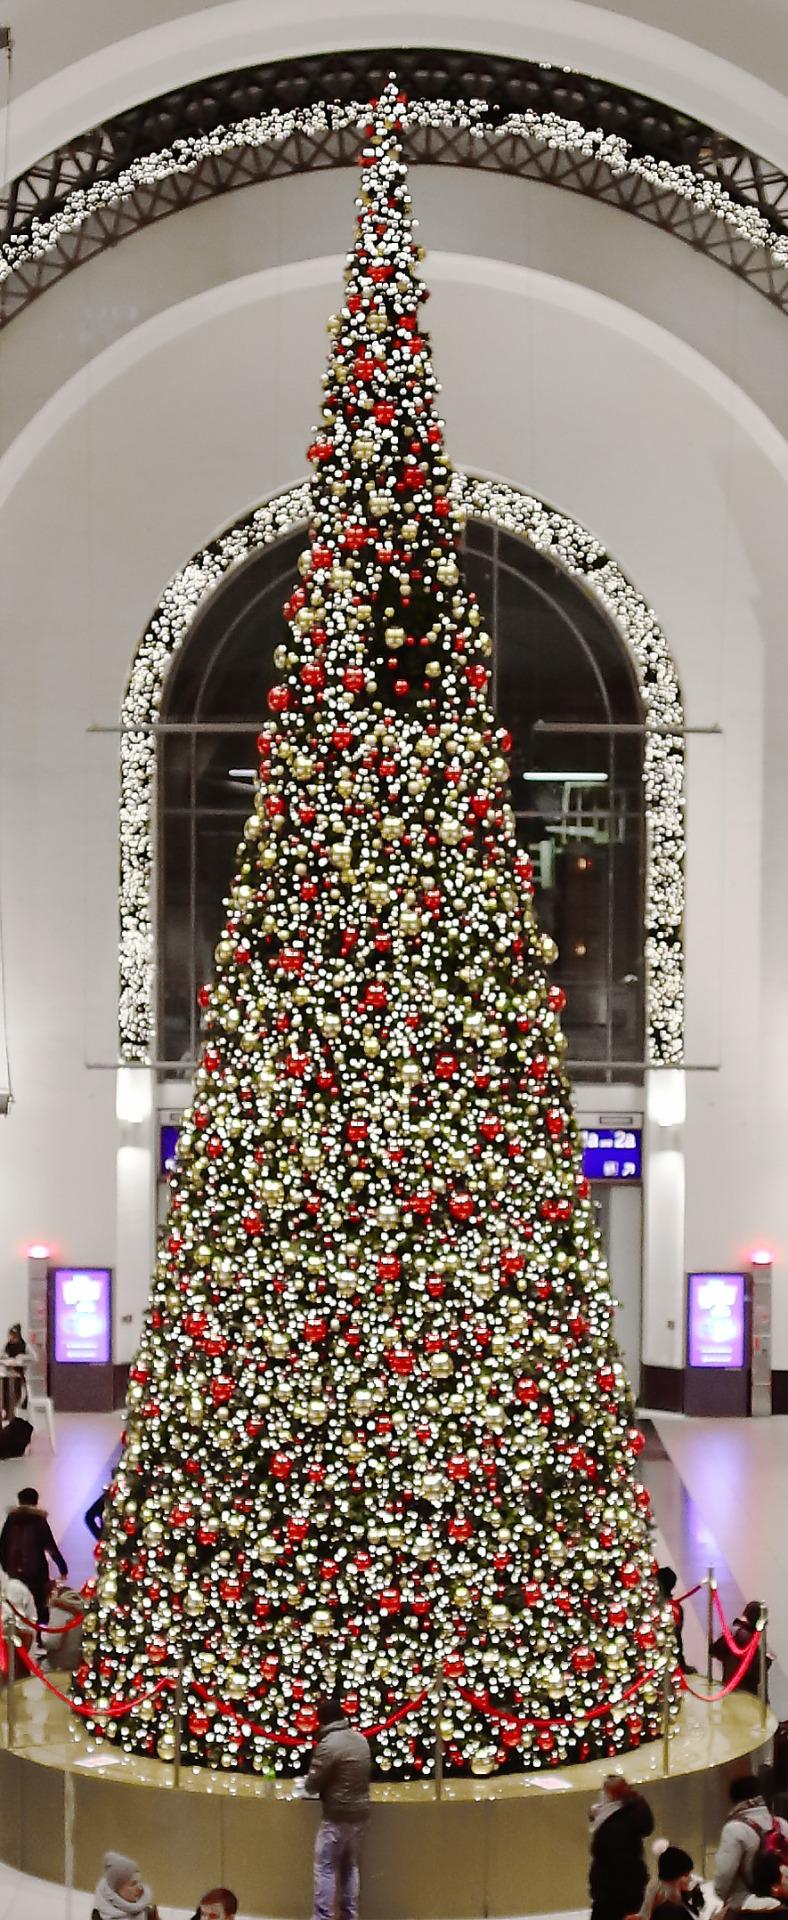 Weihnachtsturm zu Babel - Photo: Eric Reppe